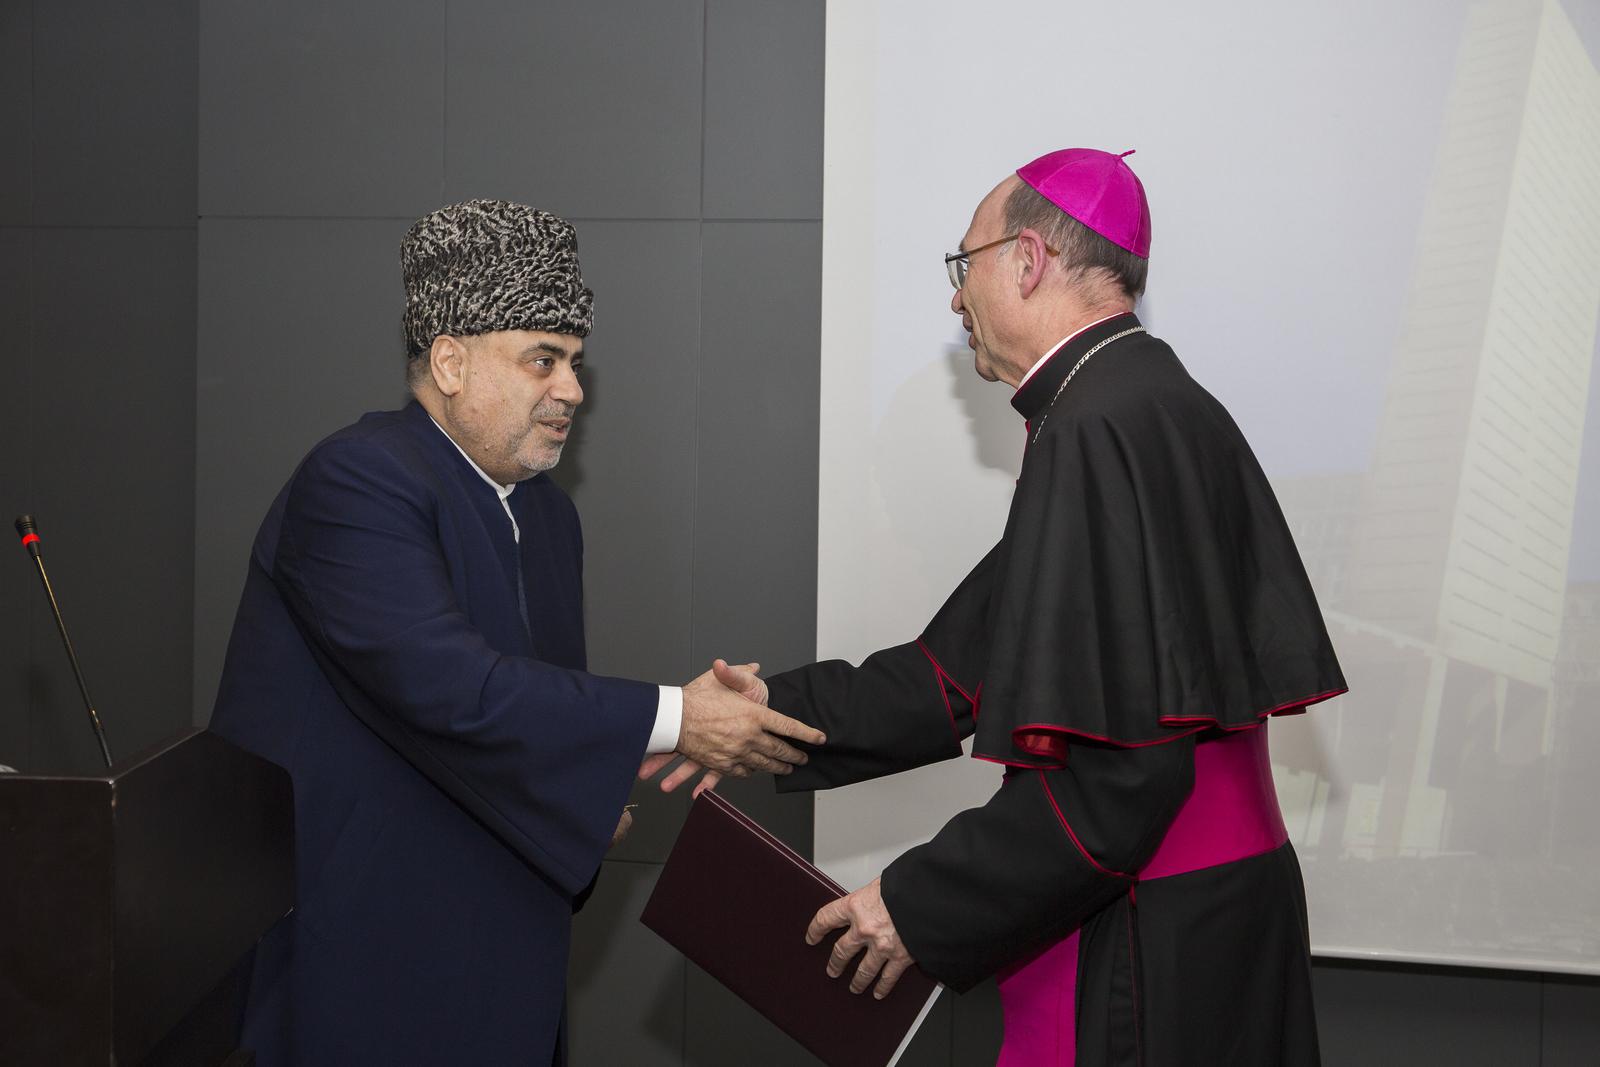 Прием по случаю епископской хиротонии монсеньора Владимира Фекете